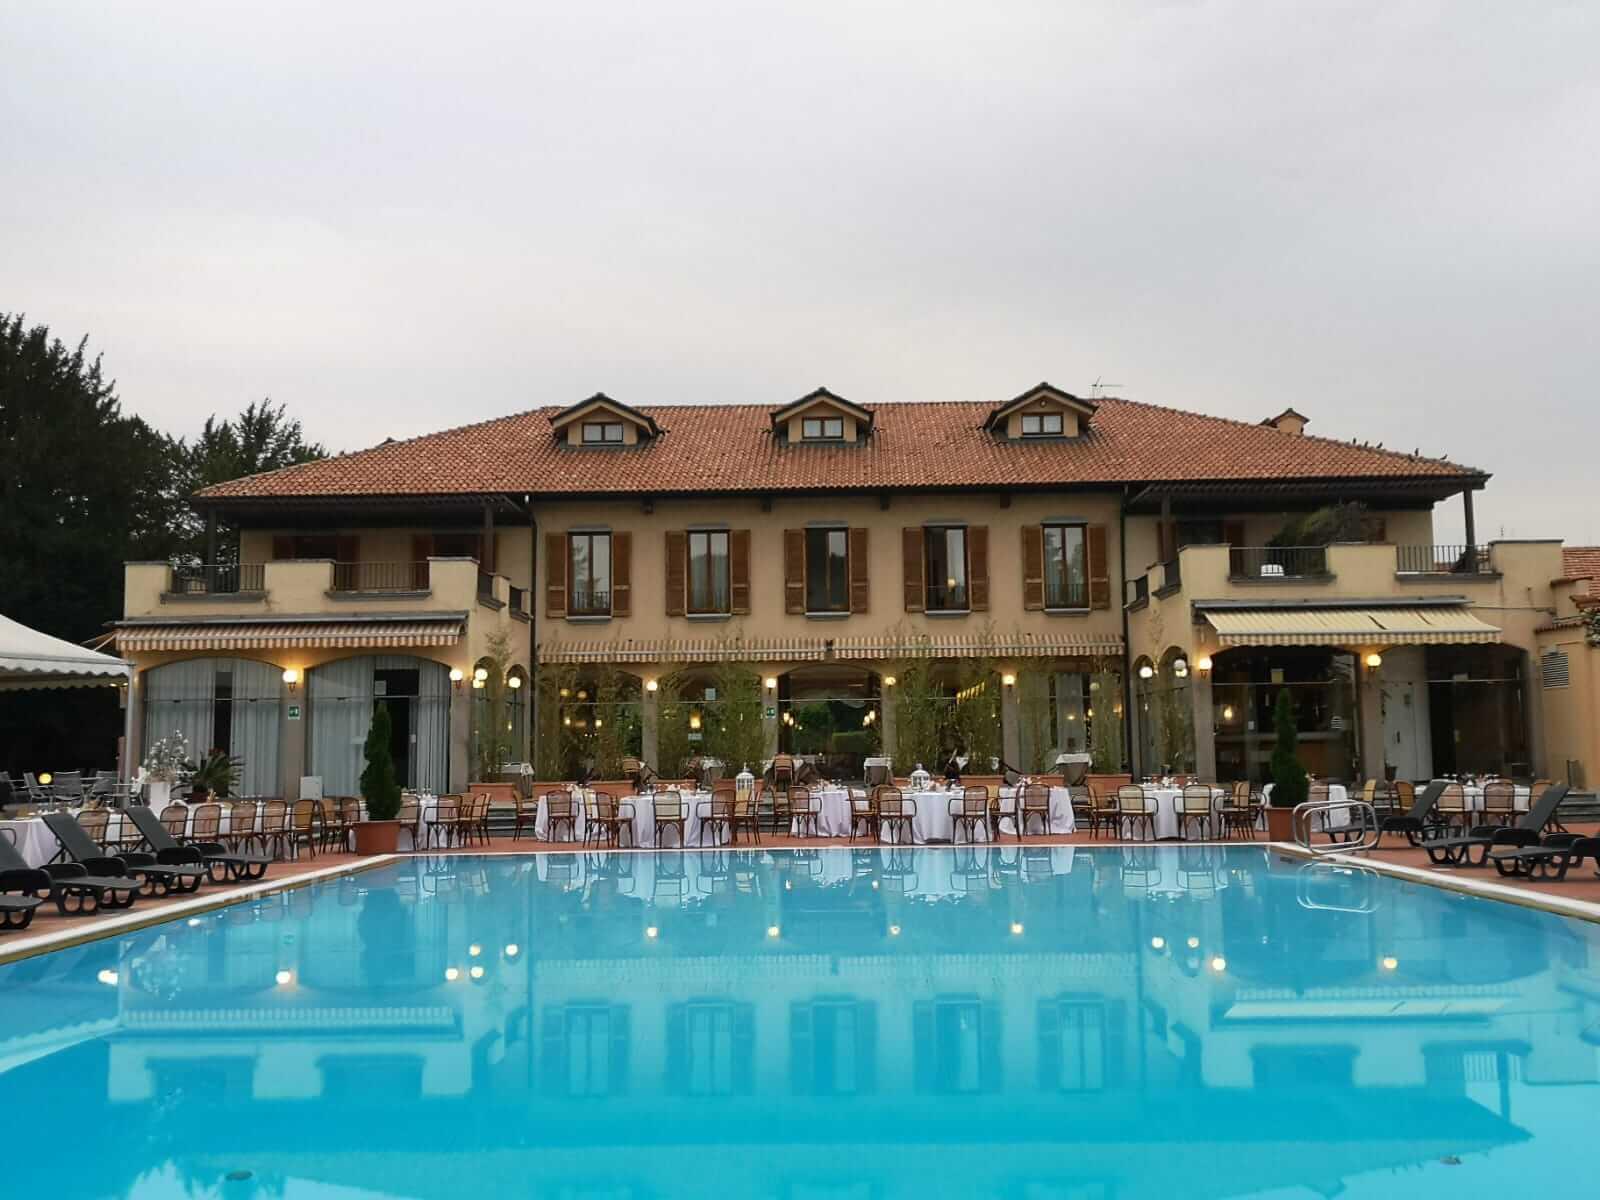 Stasera a Milano: Villa dei giardini Nerviano